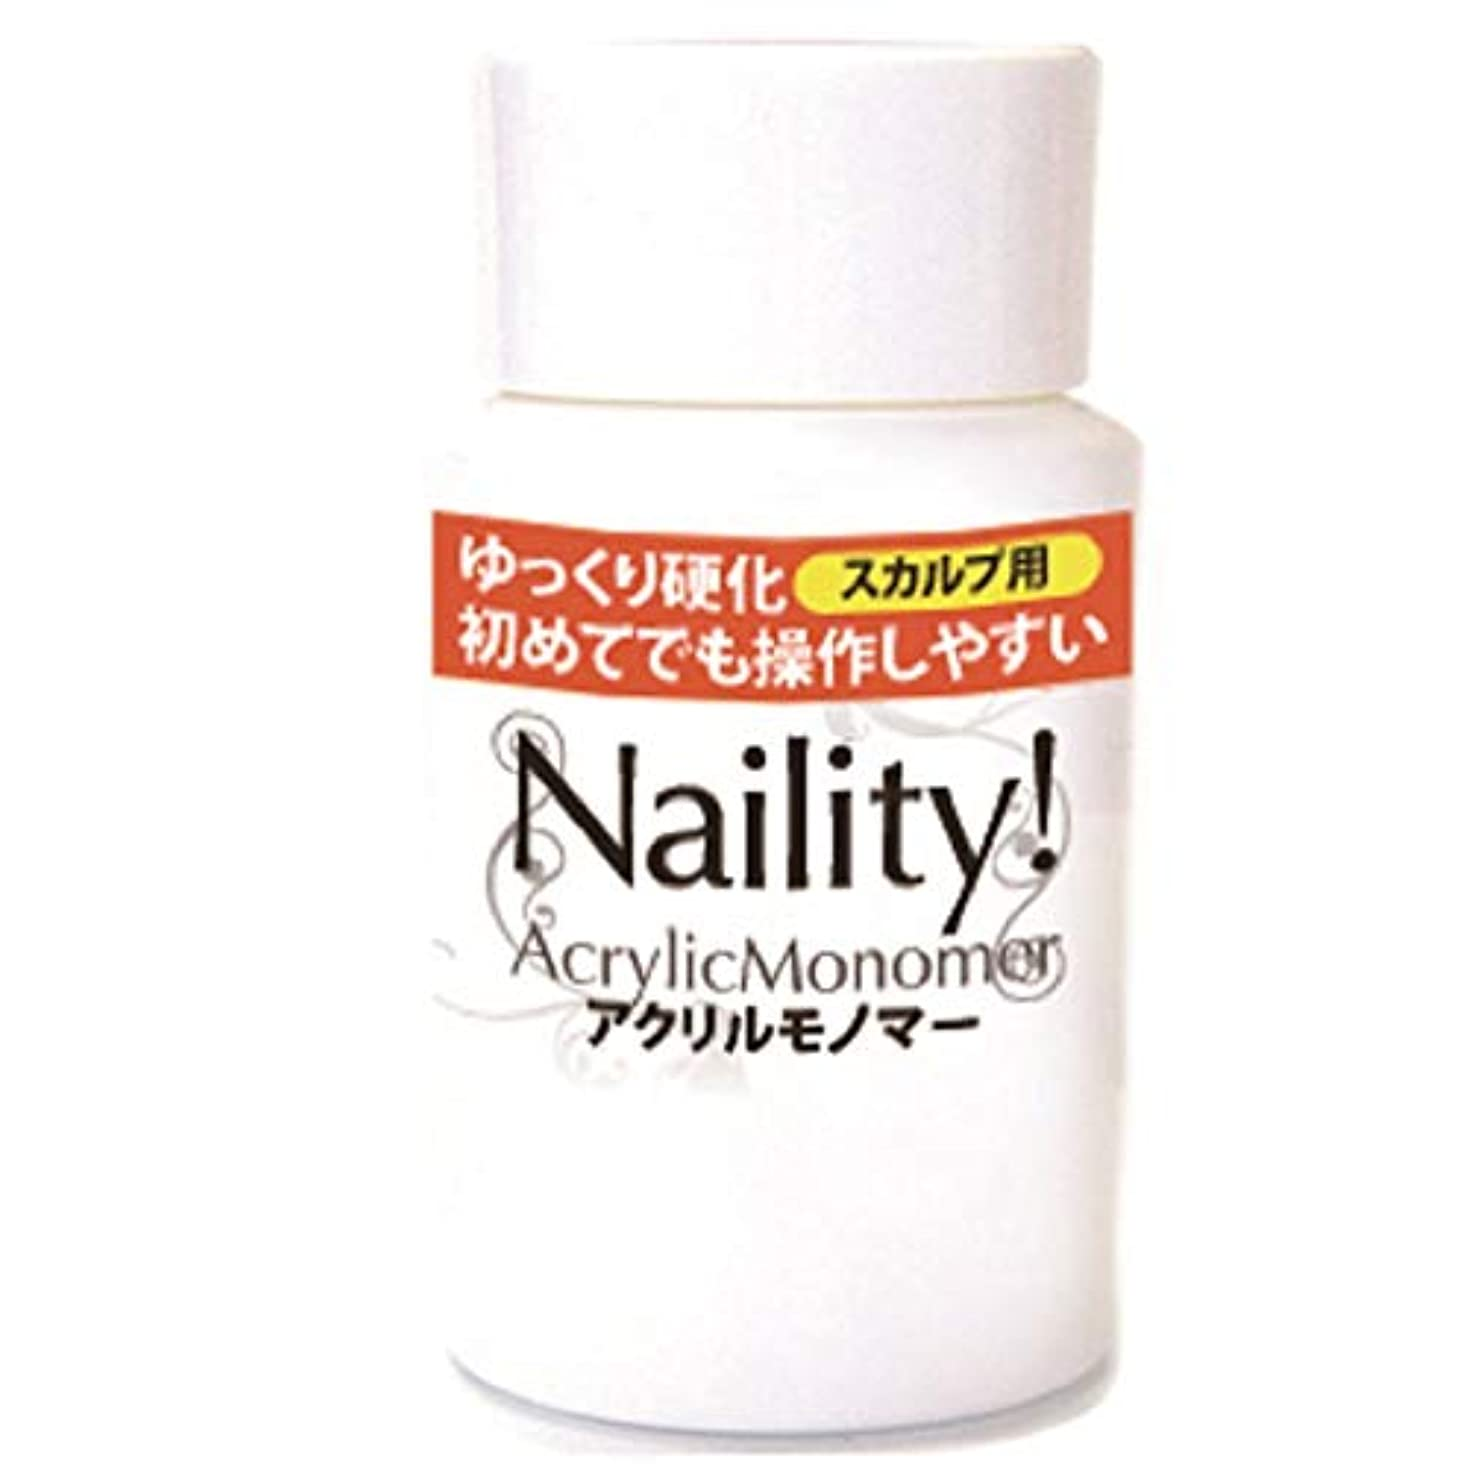 持つ不器用備品Naility! アクリルモノマー 50mL